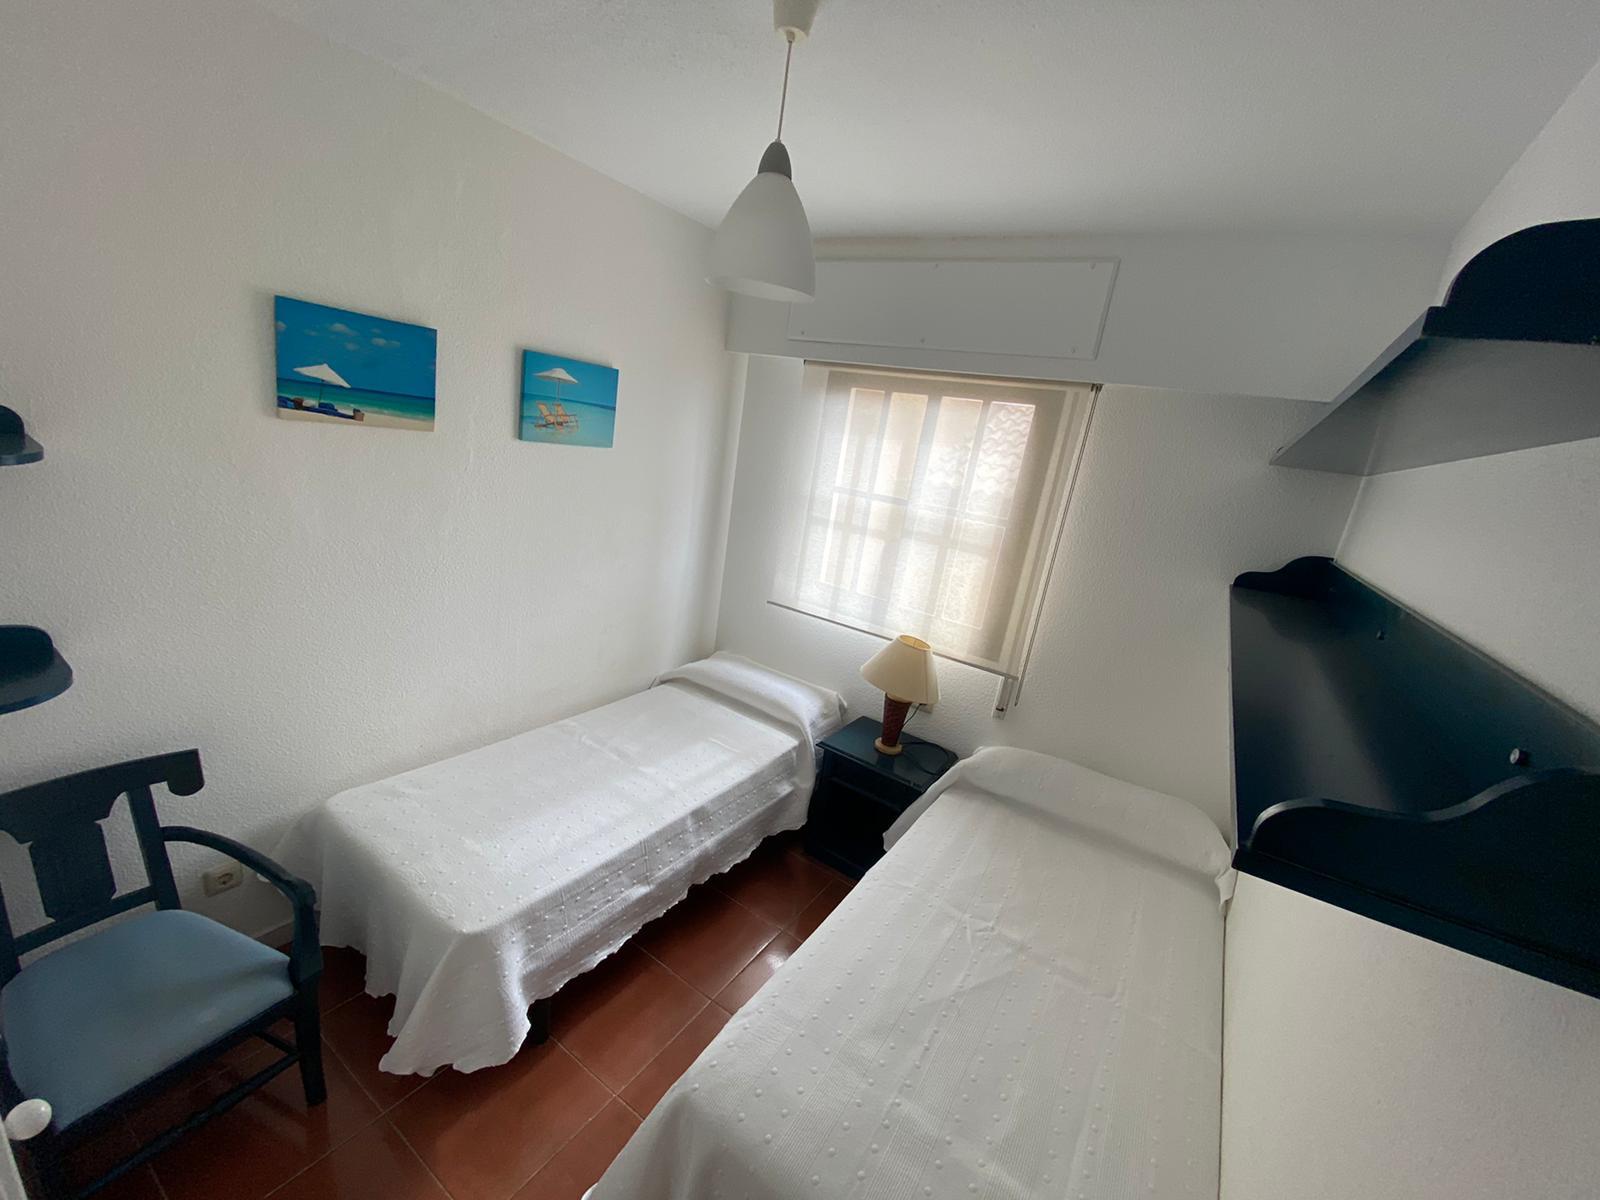 Imagen 26 del Vivienda Turística, Ático 93 (3d+2b), Isla Canela (HUELVA), Avda. de las Codornices nº 24 bloque 1-3